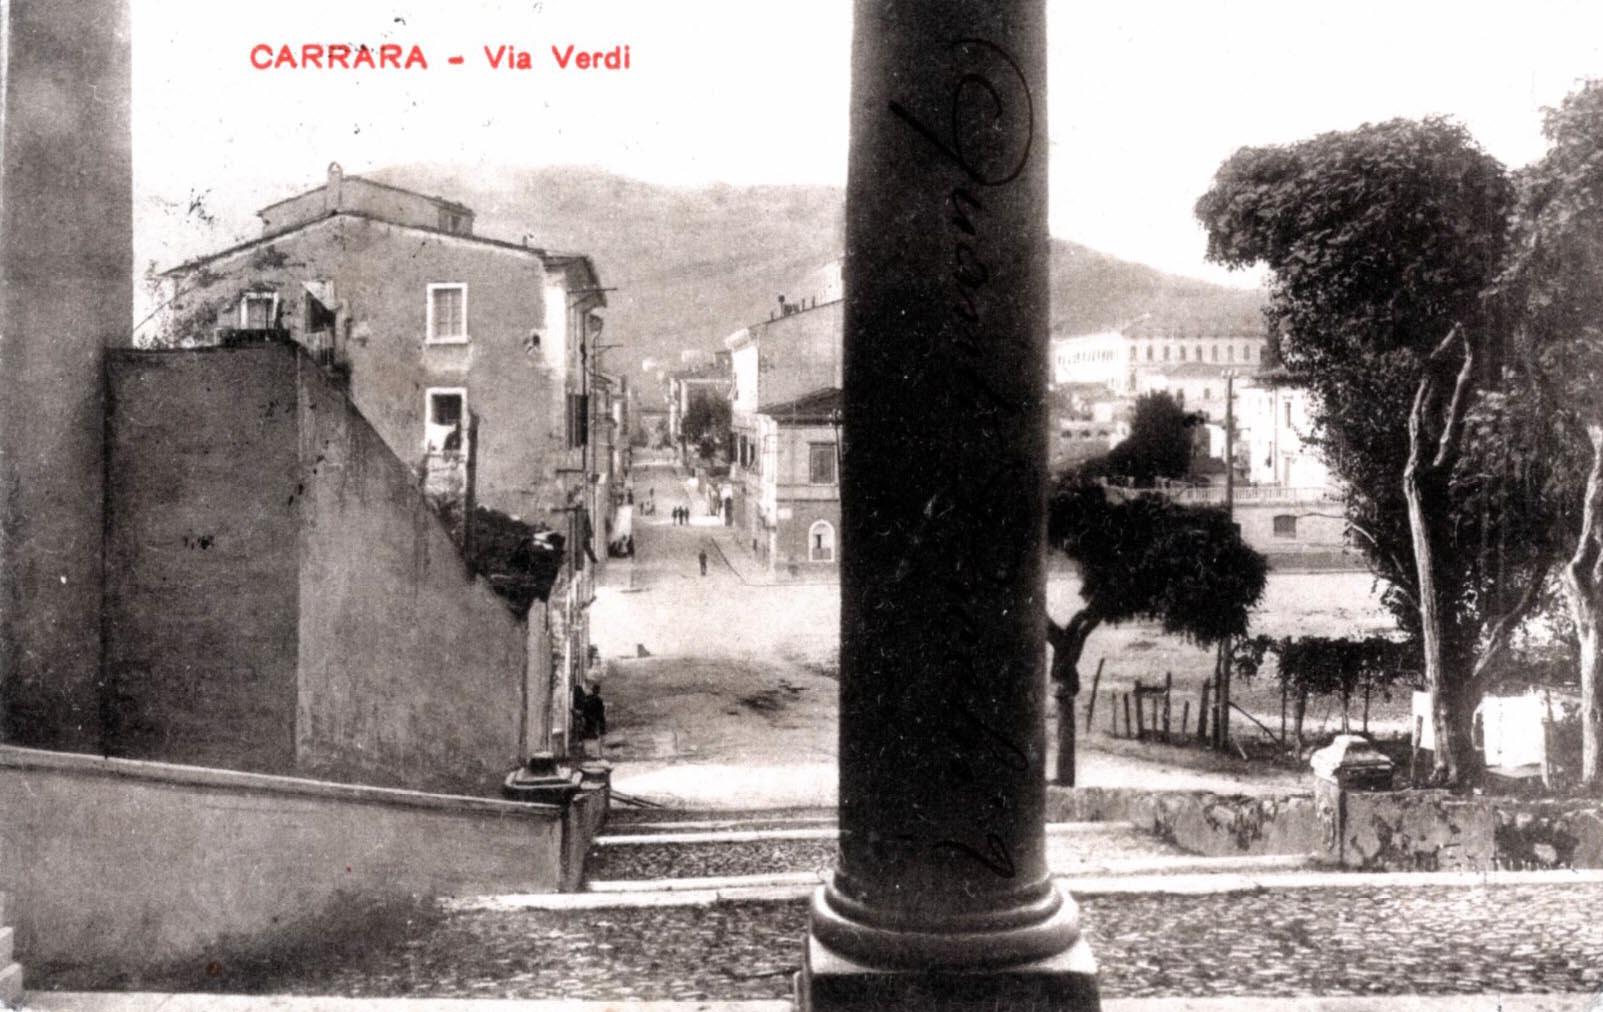 bq via Verdi da s.Francesco